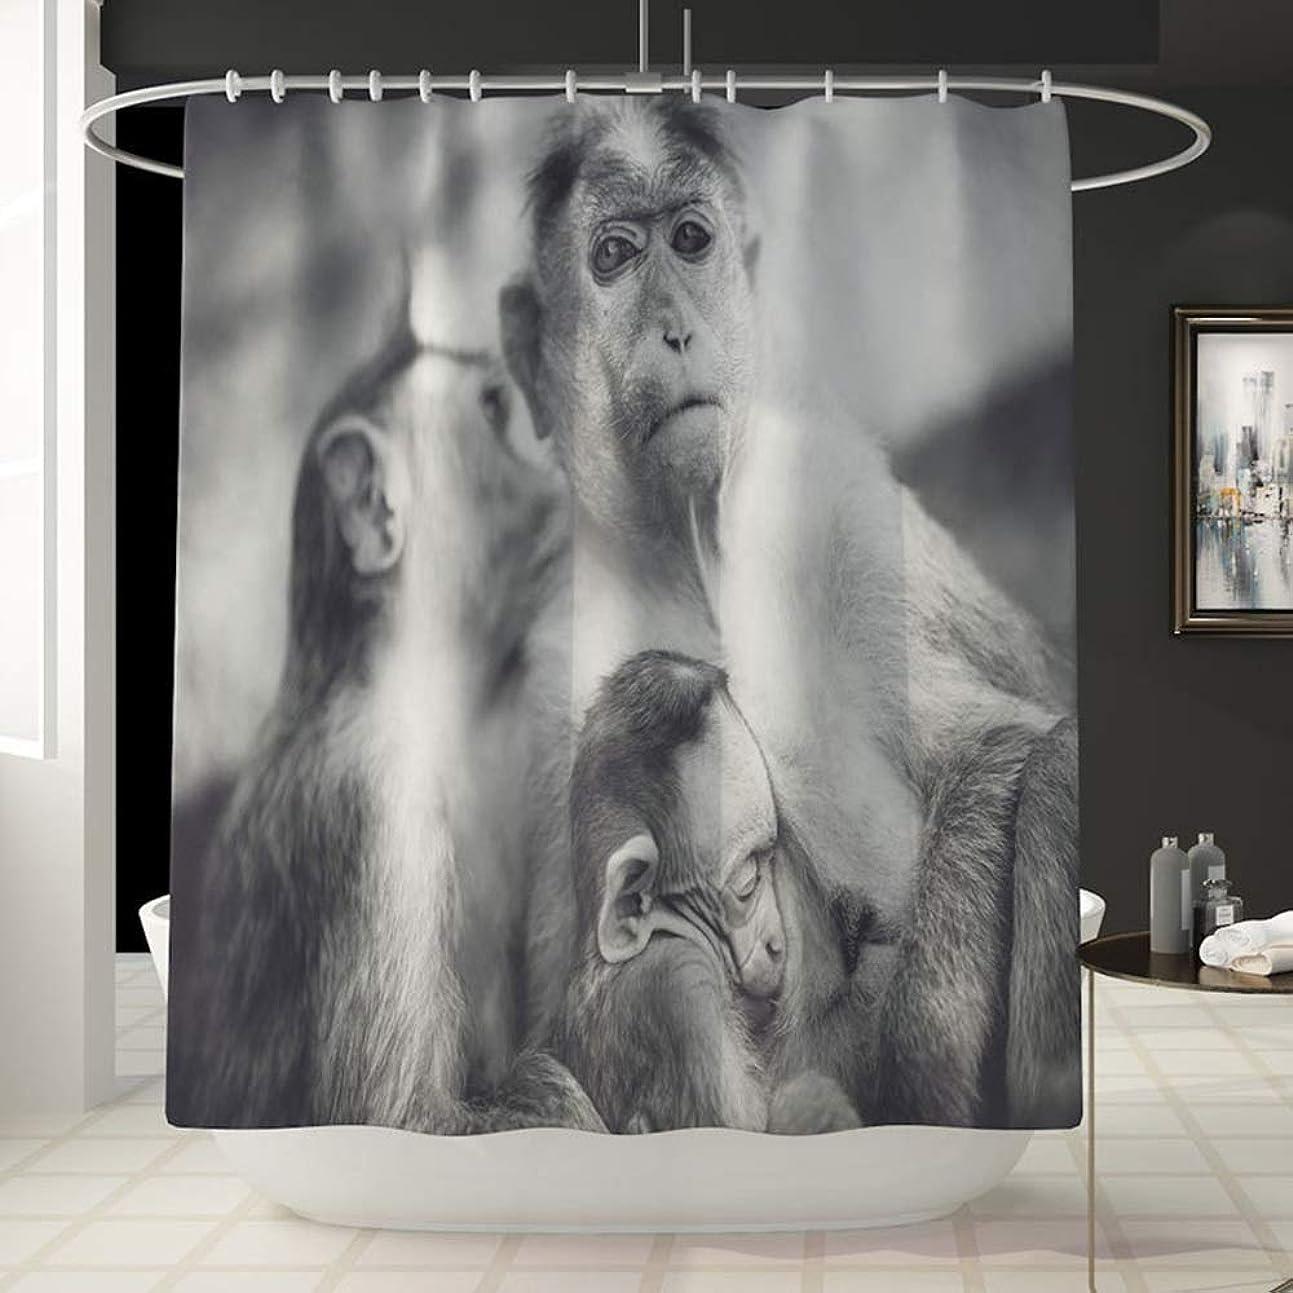 宝思春期の捧げるモンキーパターン楽しいシャワーカーテン風呂アカウントバスルーム防水快適なカーテンは色褪せないで汎用性の高いバスタブシャワーカーテン180センチ* 180センチ洗濯機 フェンコー